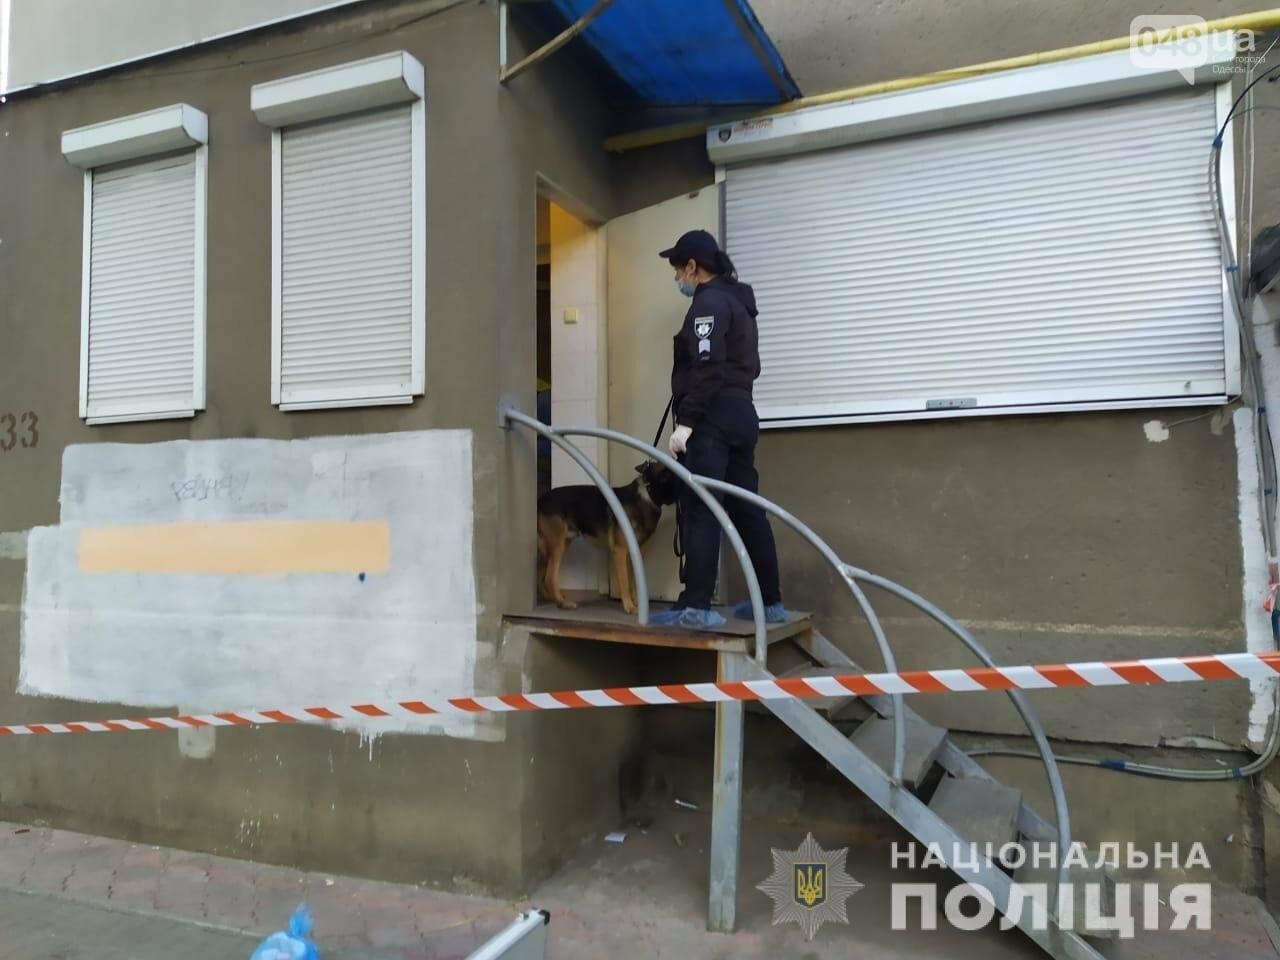 В Одессе рано утром в аптеке убили фармацевта,- ФОТО 18+6